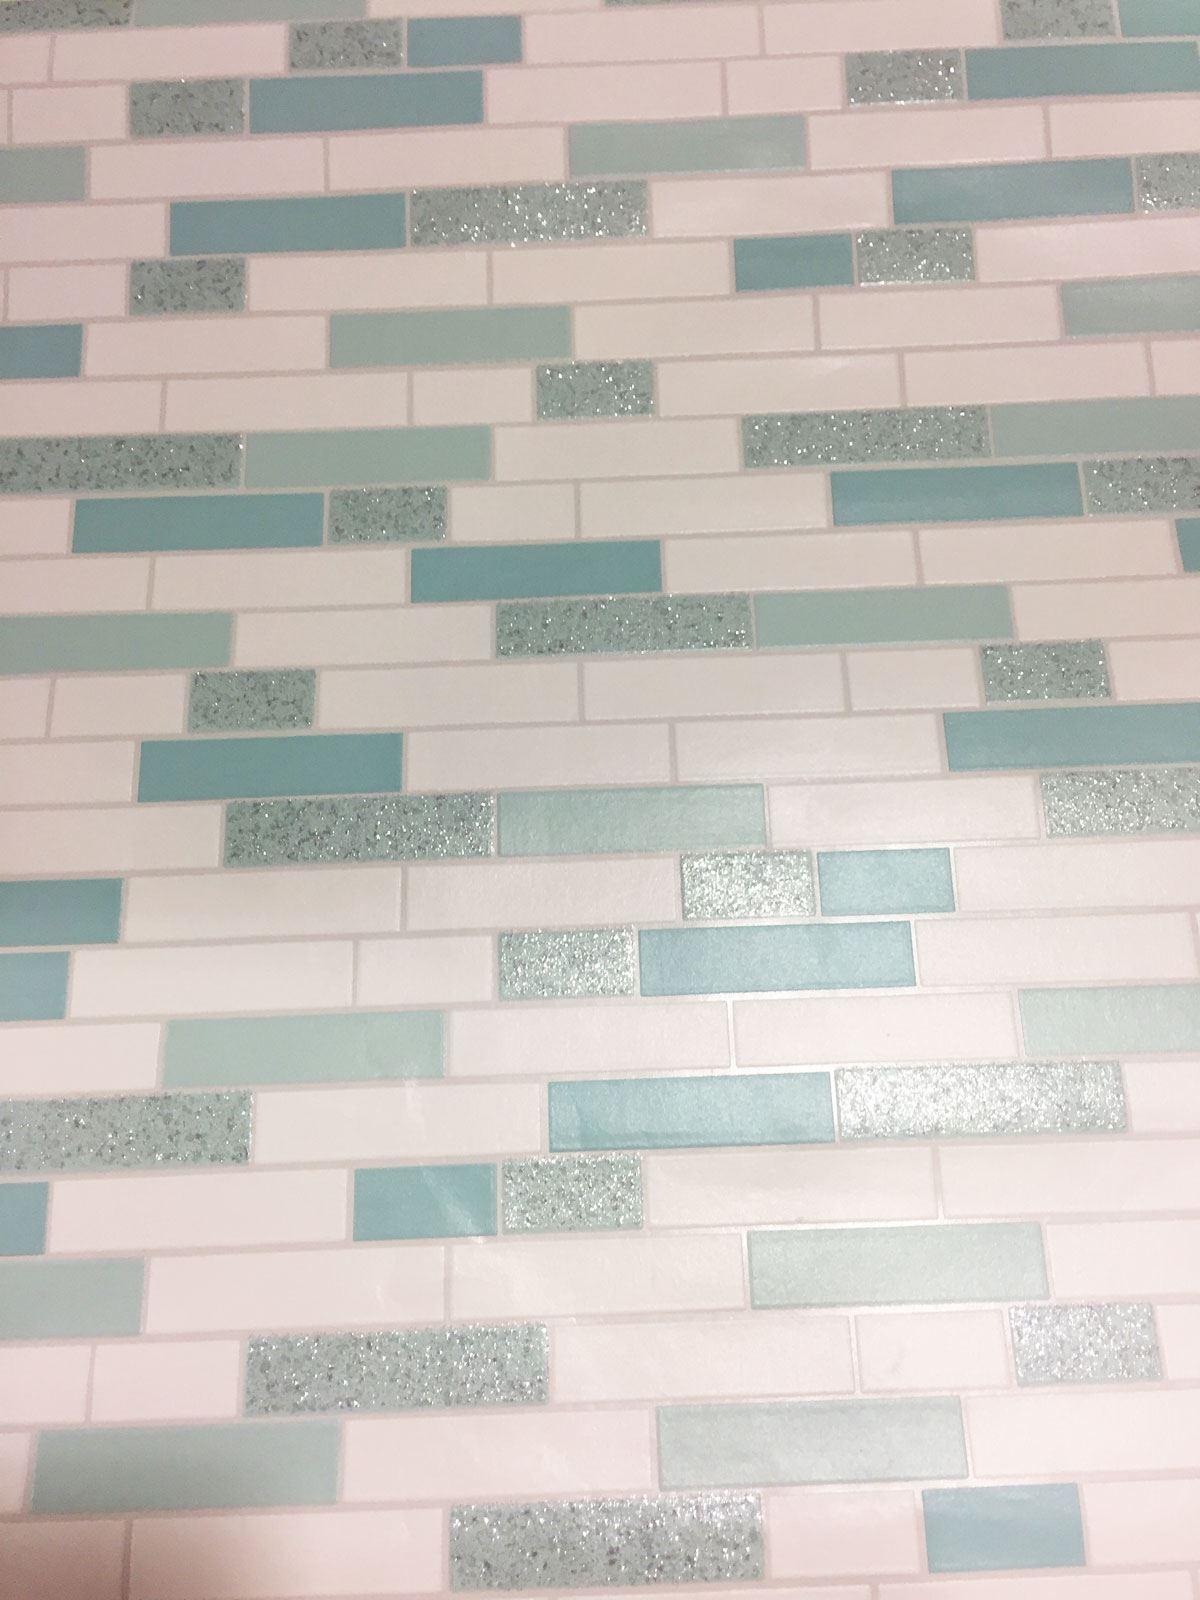 Oblong-Stone-Tile-Kitchen-Bathroom-Wallpaper-Vinyl-Silver-Glitter-Holden-Decor thumbnail 16